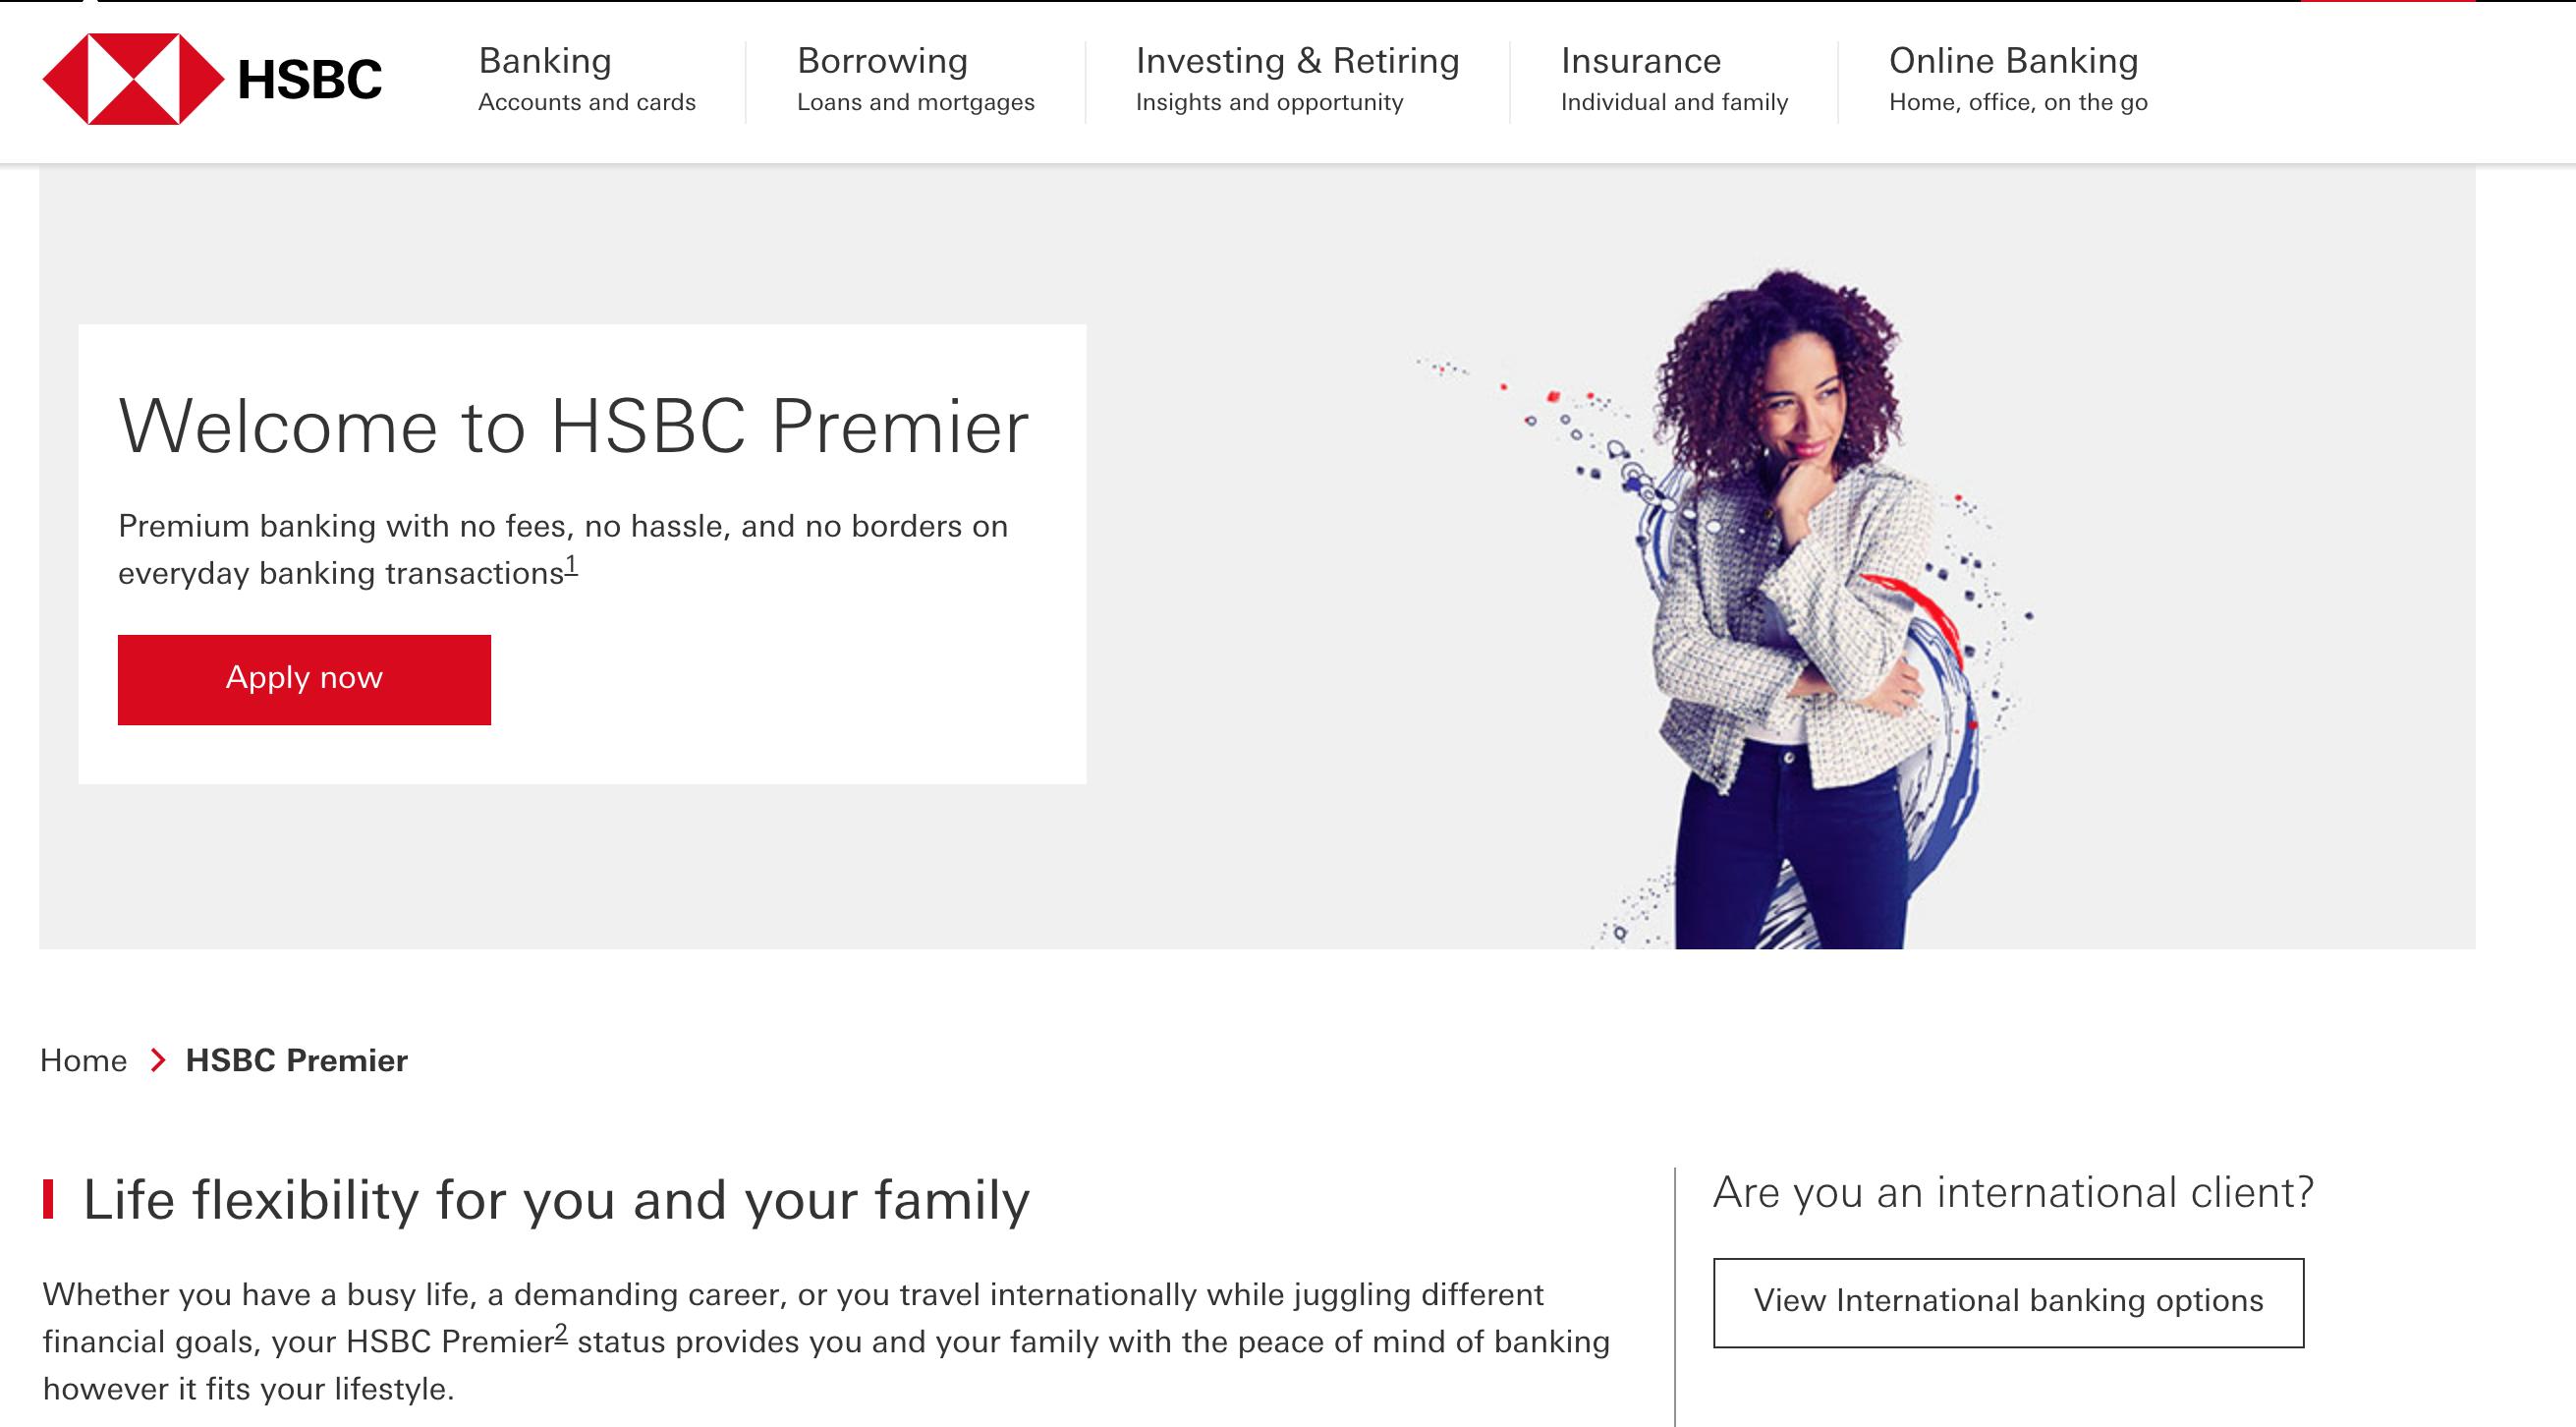 HSBC Bank Launches Enhanced Premier Proposition